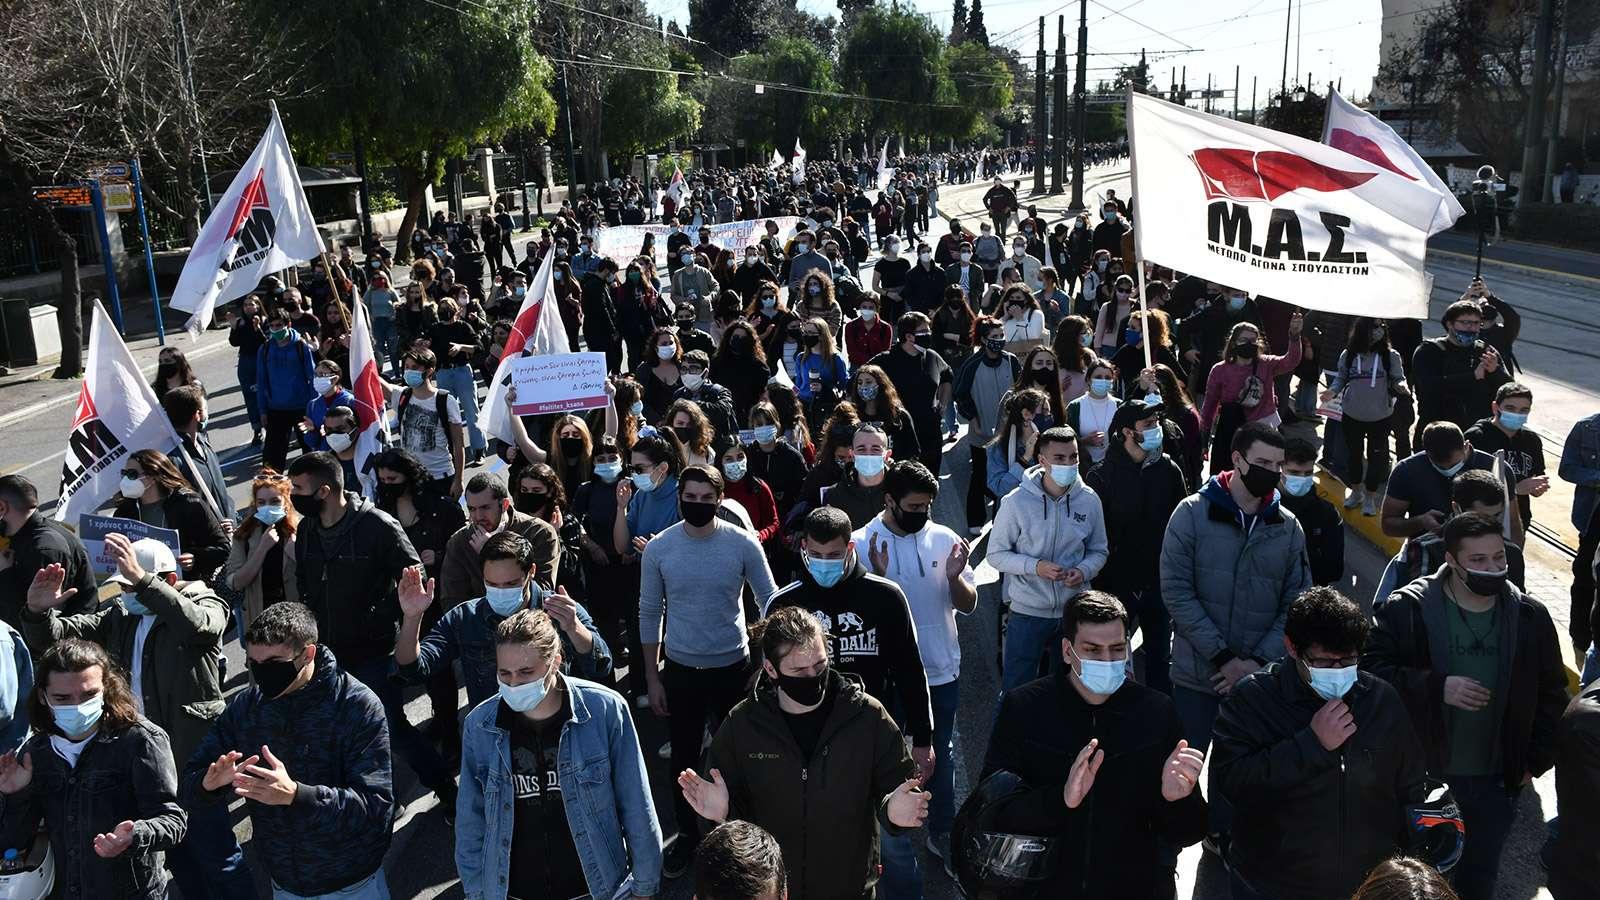 Πανεκπαιδευτικό Συλλαλητήριο Αθήνα Σύνταγμα 10 Φεβ 2021